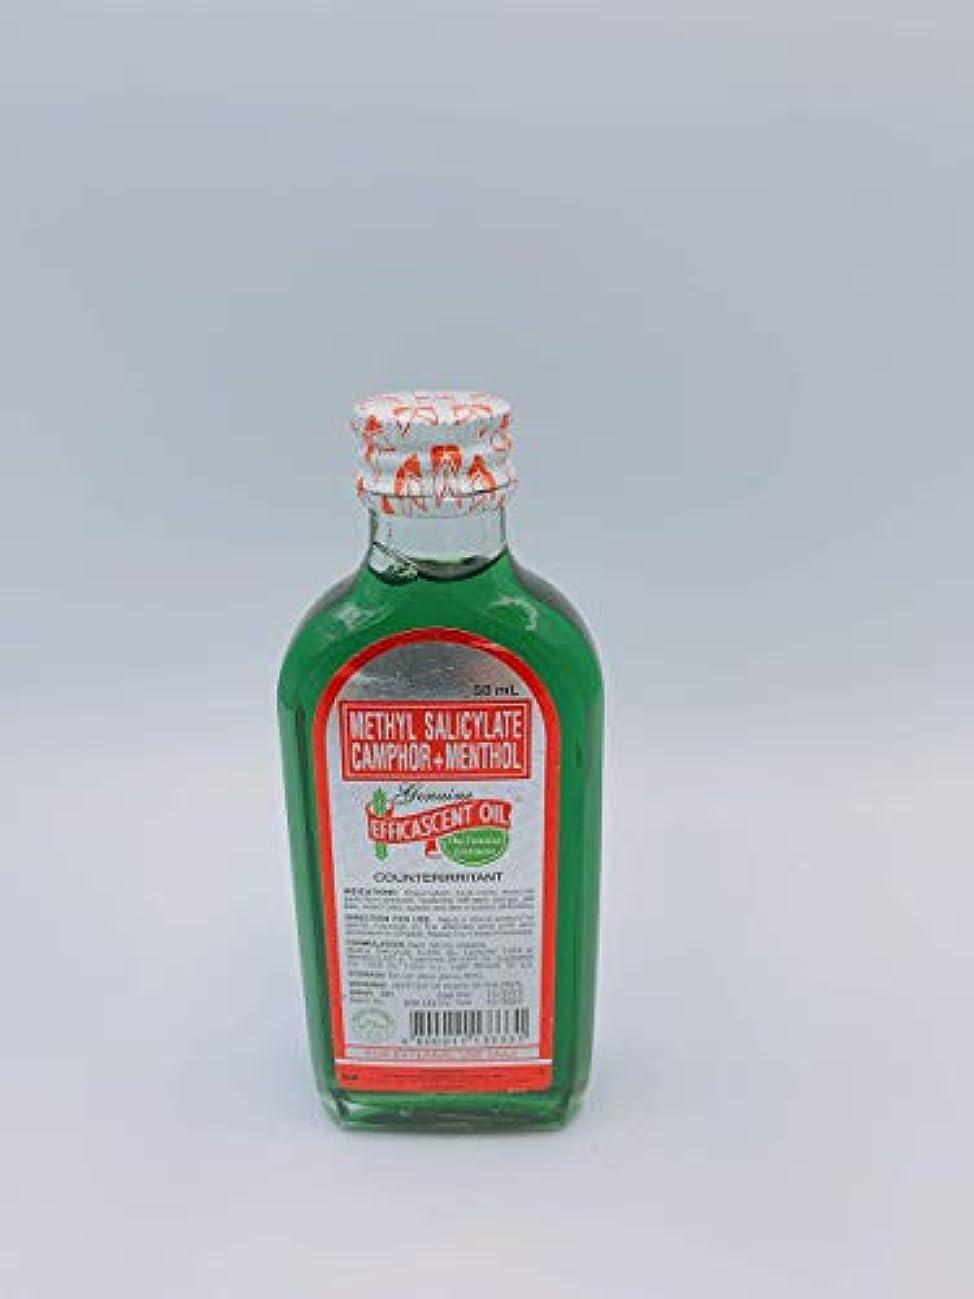 できた最大険しいEFFICASCENT OIL 50ml 【エフィカセント マッサージオイル 50ml】